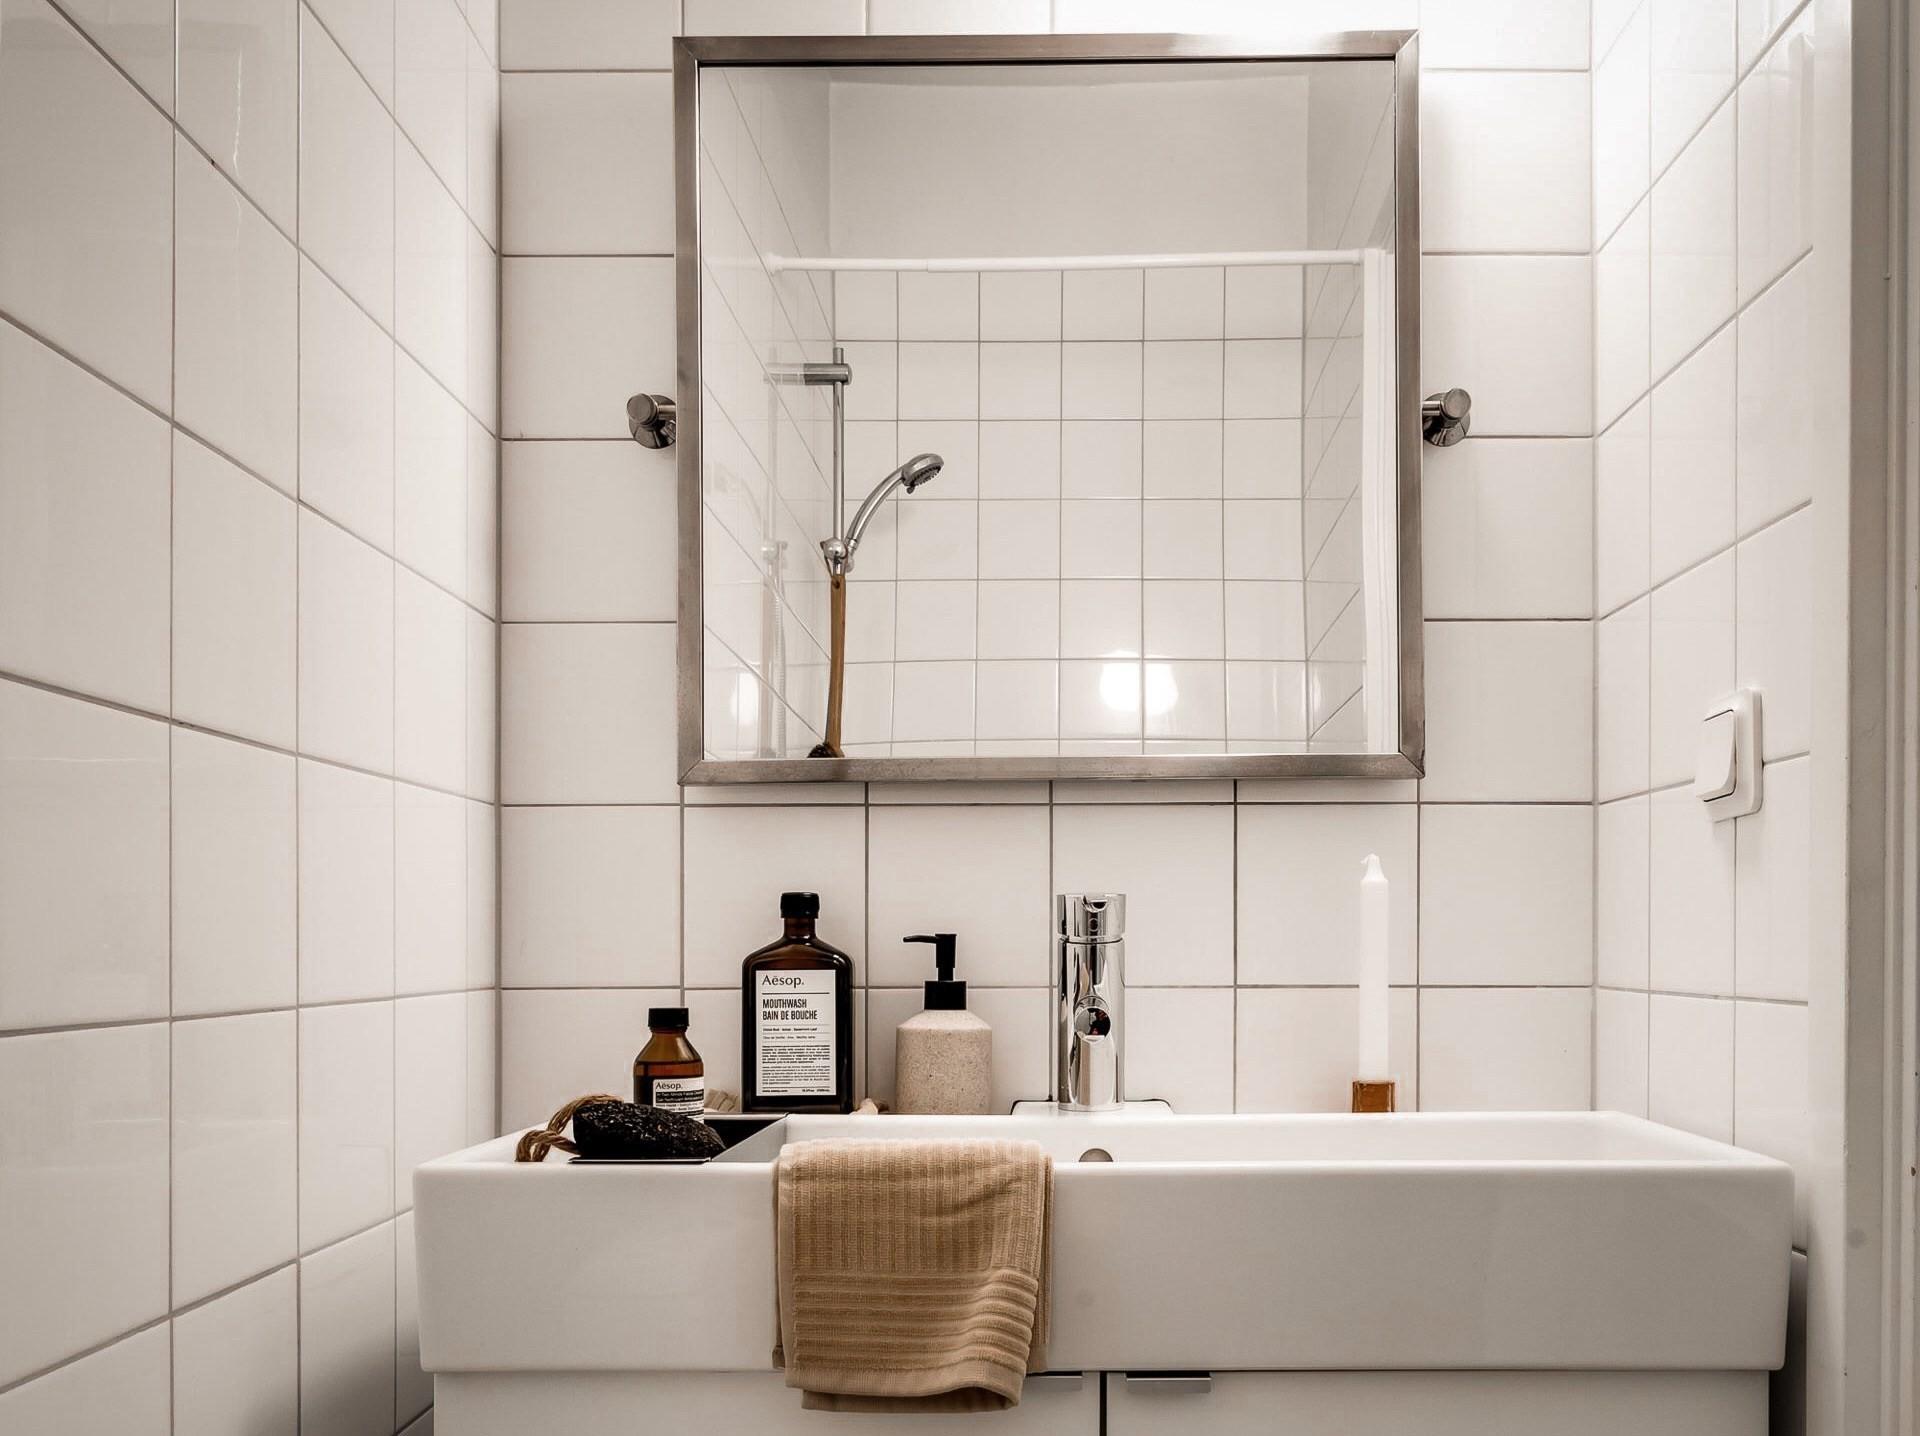 Bài trí nội thất tưởng đơn giản, ít ỏi, căn hộ nhỏ 44m2 ở Nga vẫn hiện lên vô cùng lộng lẫy - Ảnh 21.